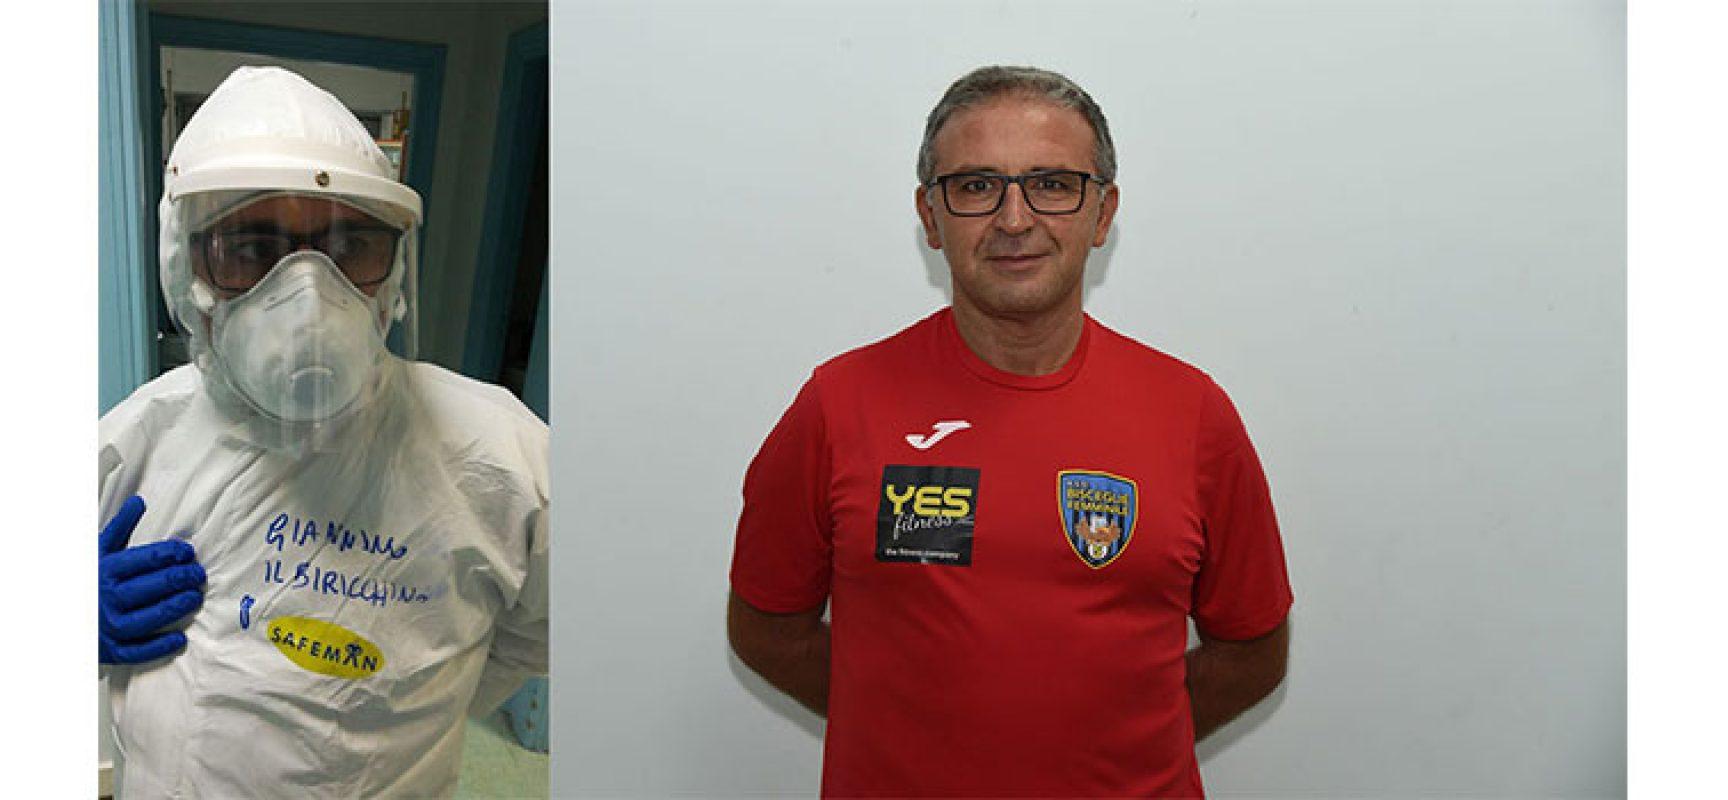 Dal futsal alle corsie d'ospedale, la storia di Gianni Sinigaglia